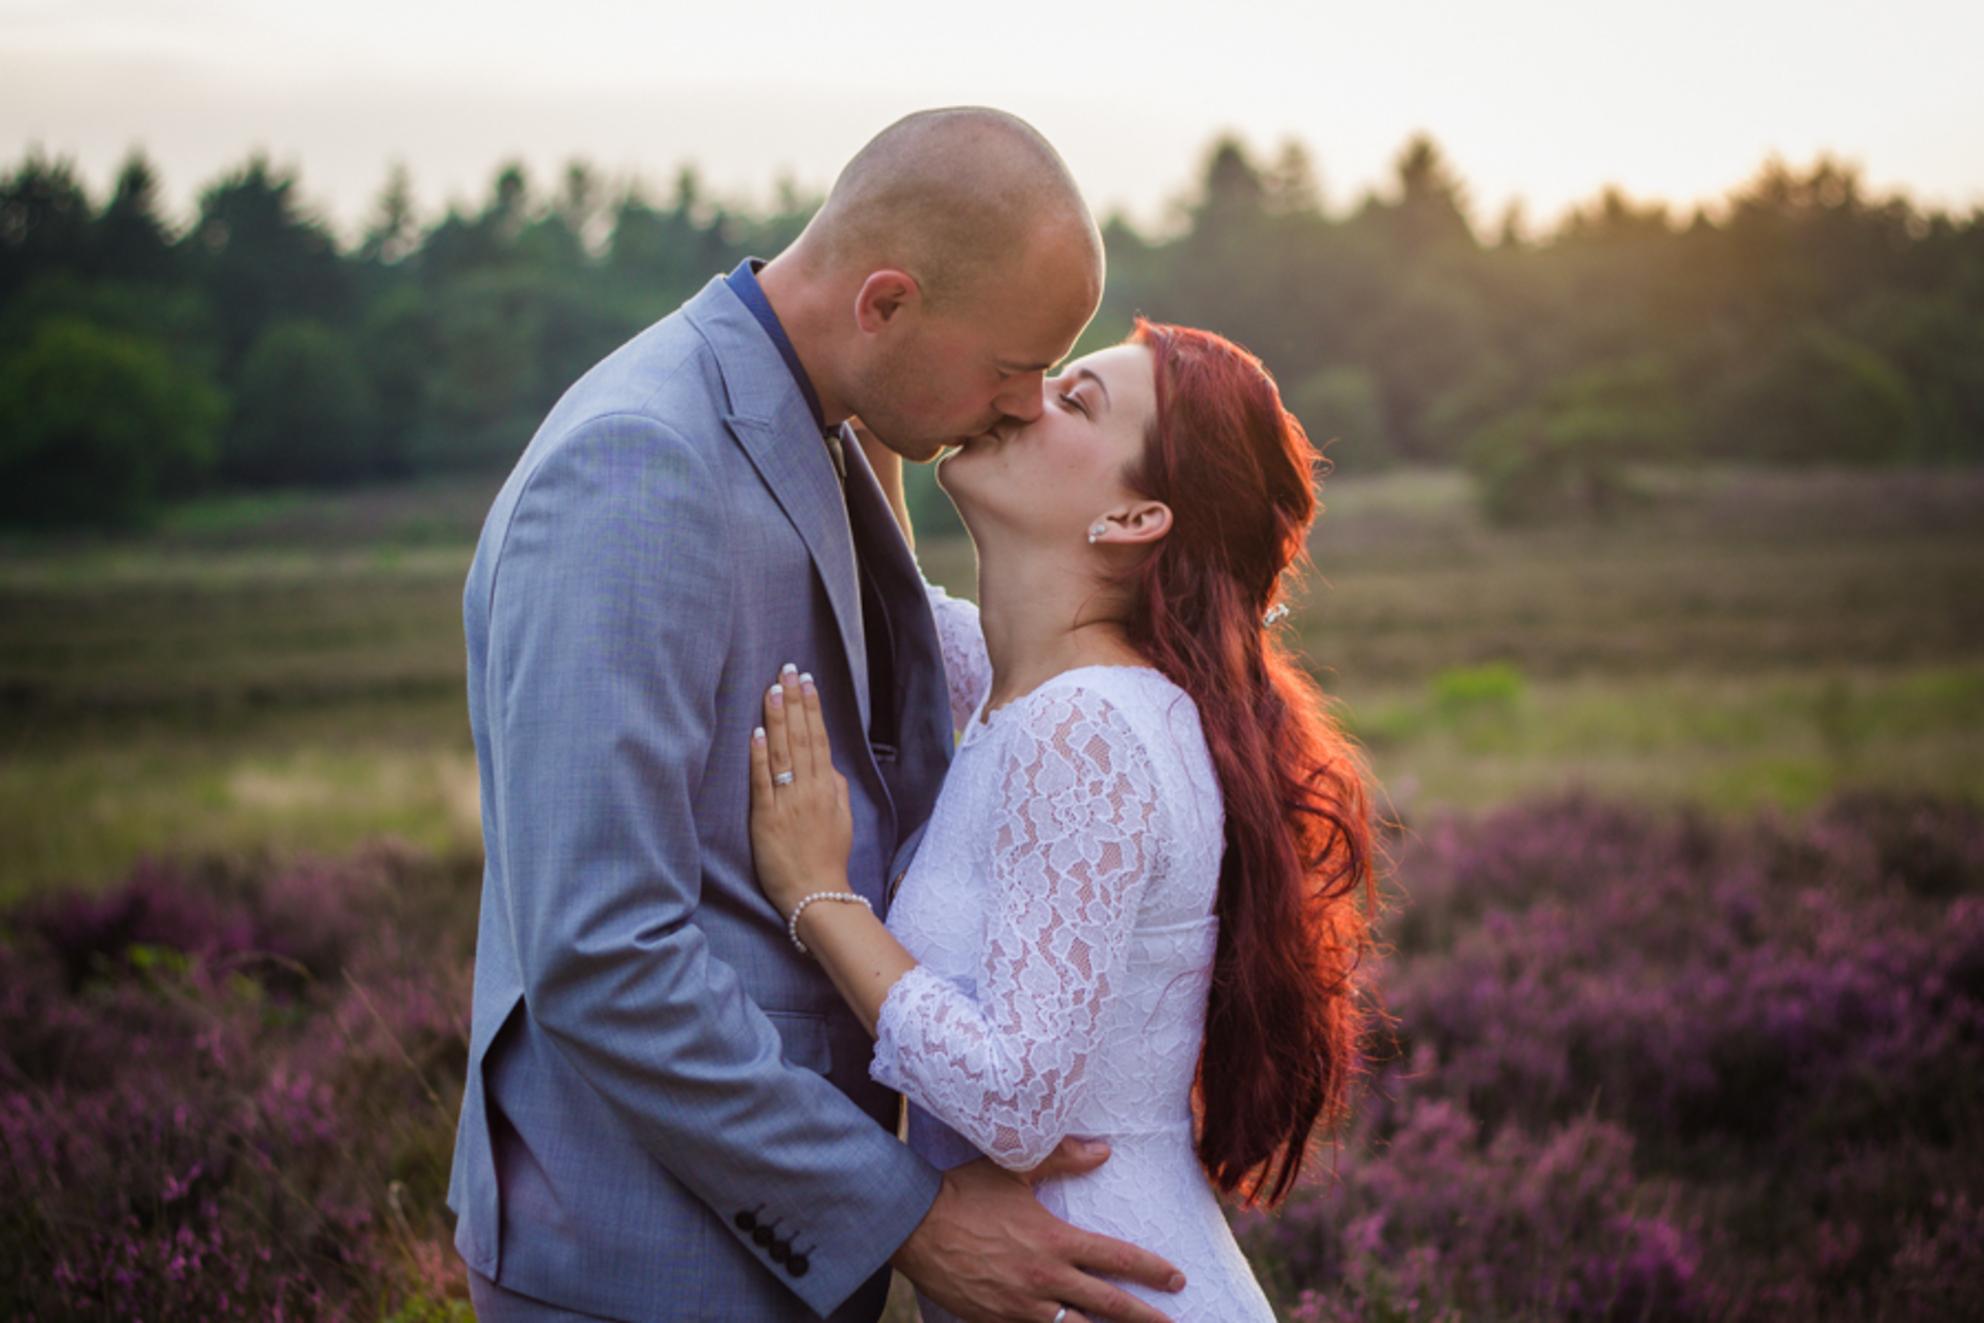 Just Married - Lief portret van een stel dat net getrouwd is. Hele dag was het bewolkt, maar rond zondondergang piepte de zon door de wolken, wat mij dit prachtige - foto door VeraVeer op 19-11-2015 - deze foto bevat: man, vrouw, mensen, licht, zonsondergang, portret, liefde, tegenlicht, daglicht, lief, beauty, buiten, emotie, bruid, bruiloft, kus, fotoshoot, zoenen, bruidegom, 50mm